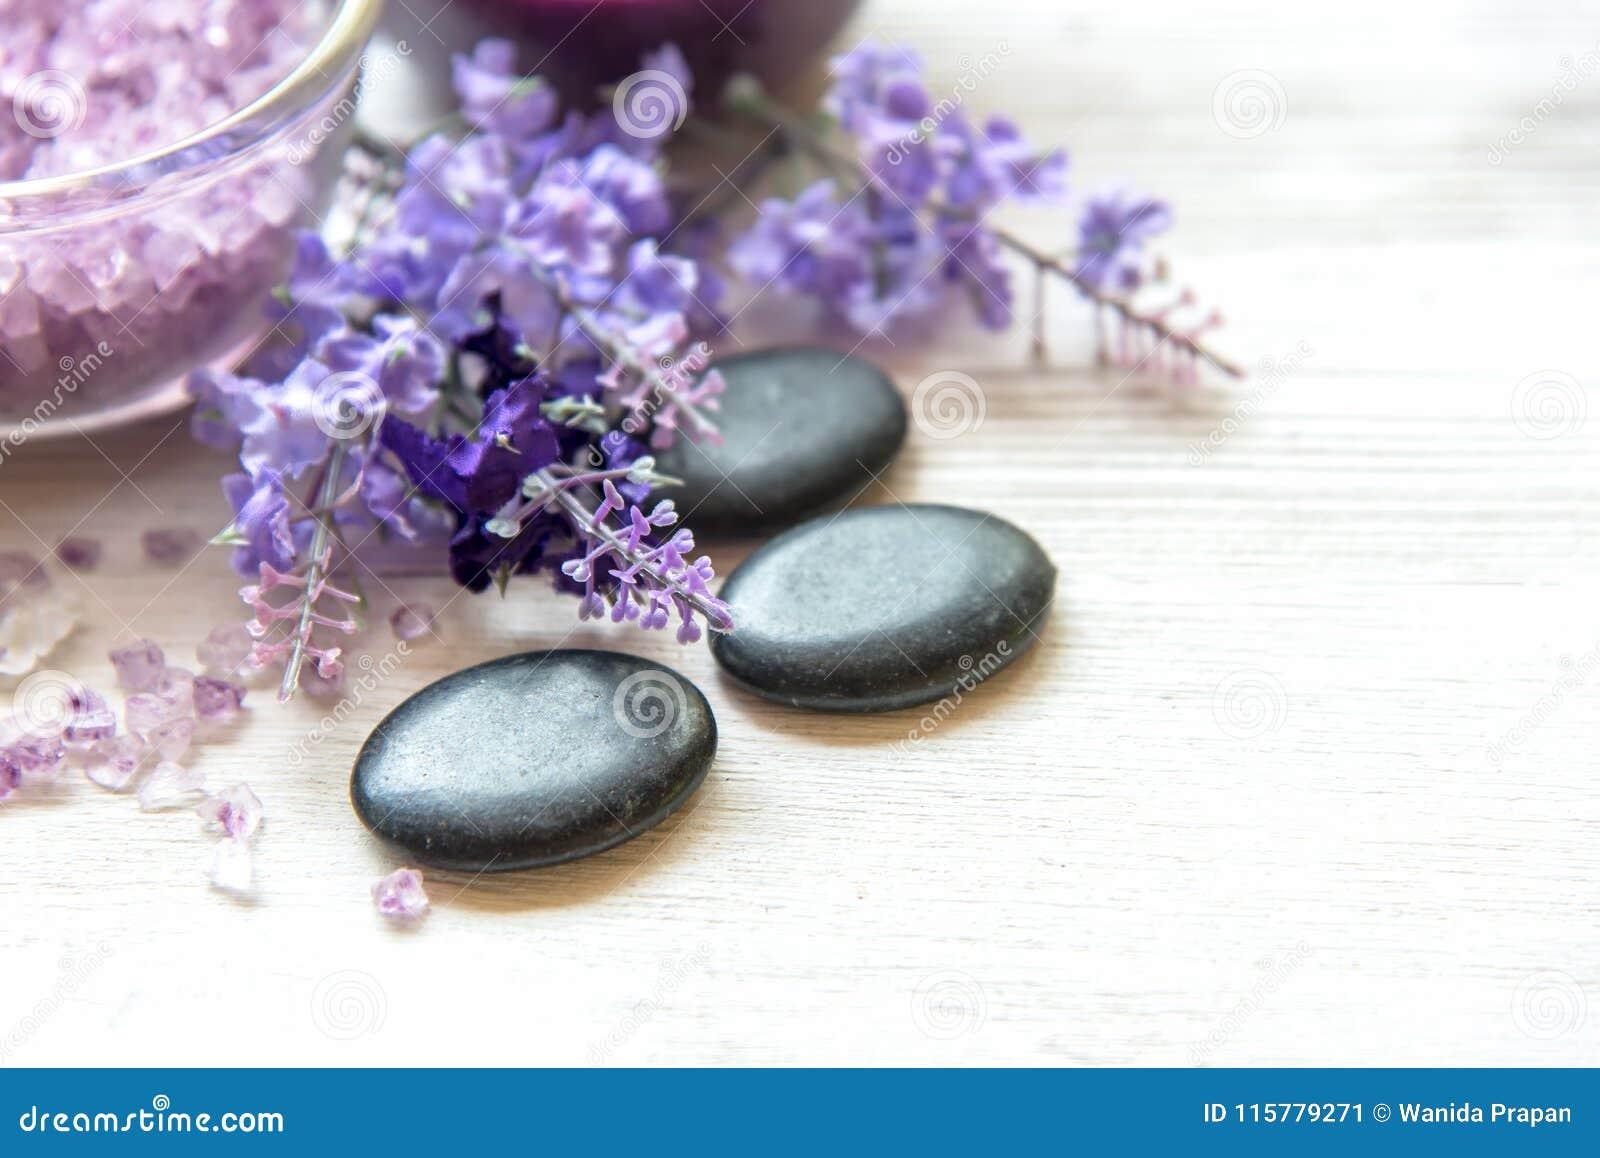 Πορφυρό Lavender aromatherapy SPA με το άλας και επεξεργασία για το σώμα Η ταϊλανδική SPA χαλαρώνει το μασάζ